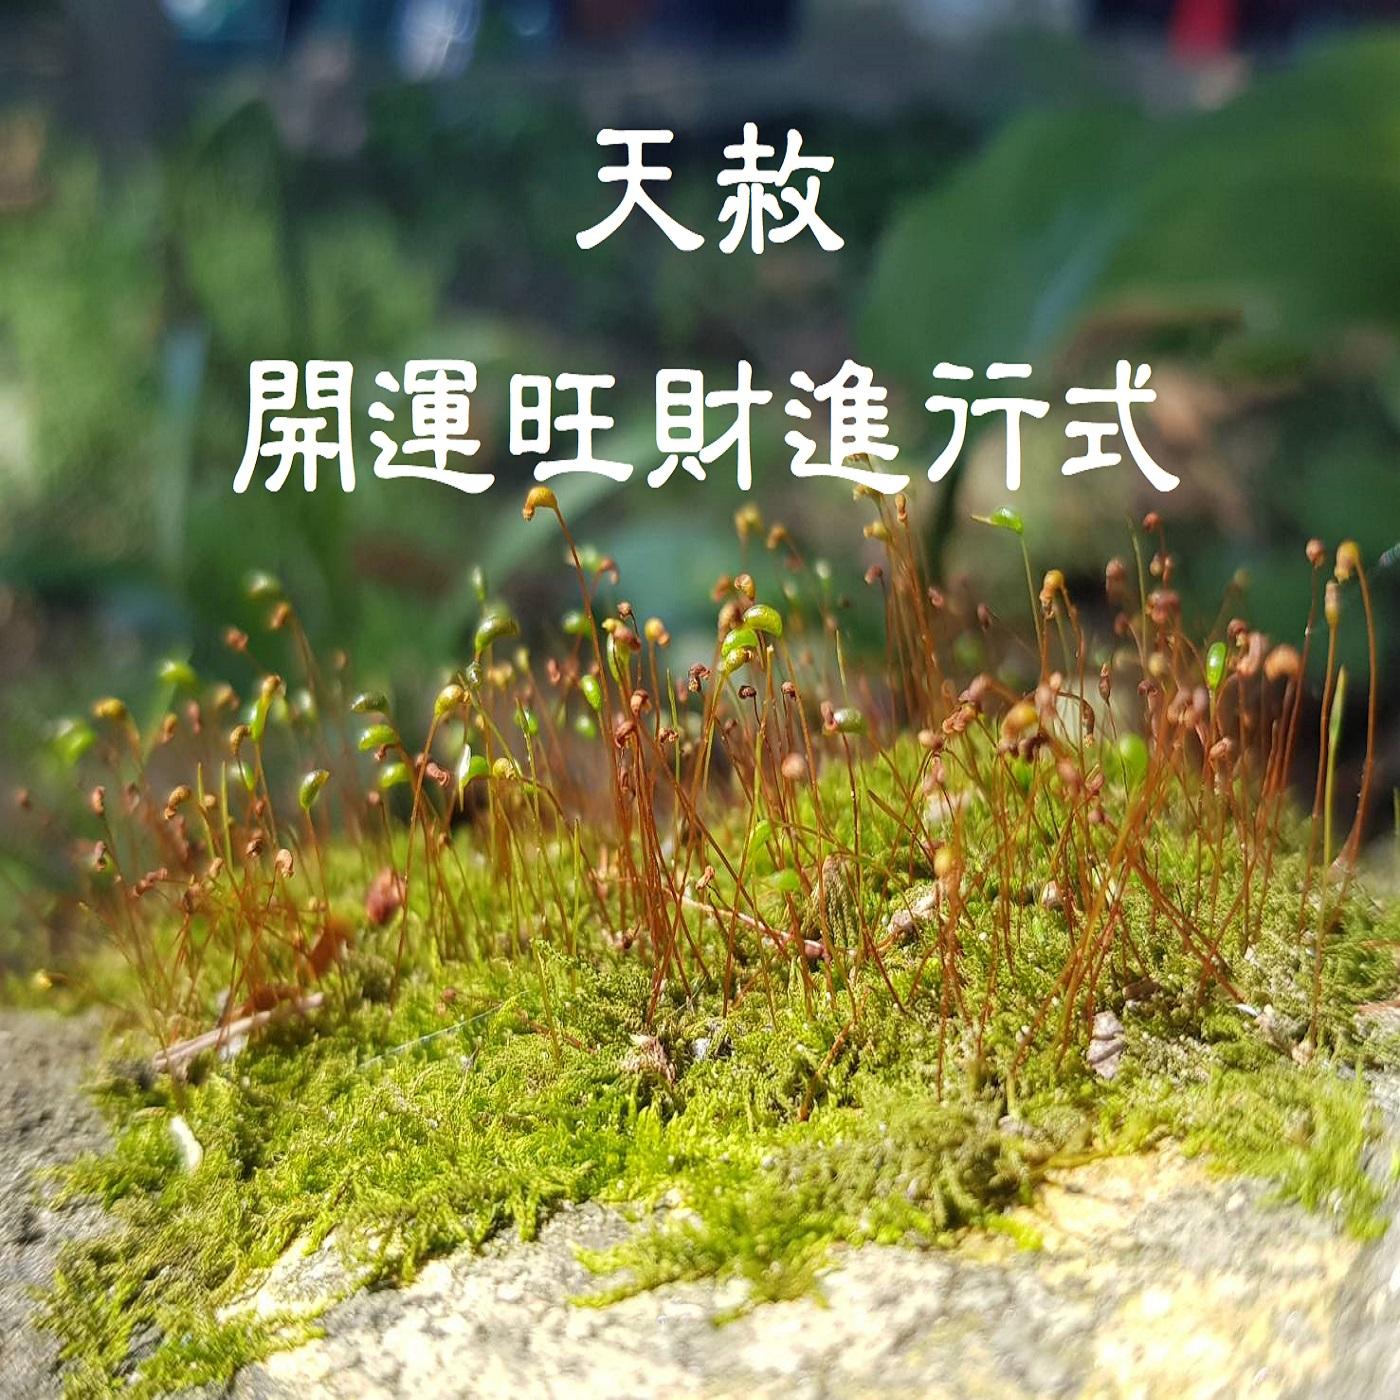 03/31(三)初十九 阿明師兄報好運 (旺運財神法會進行中)